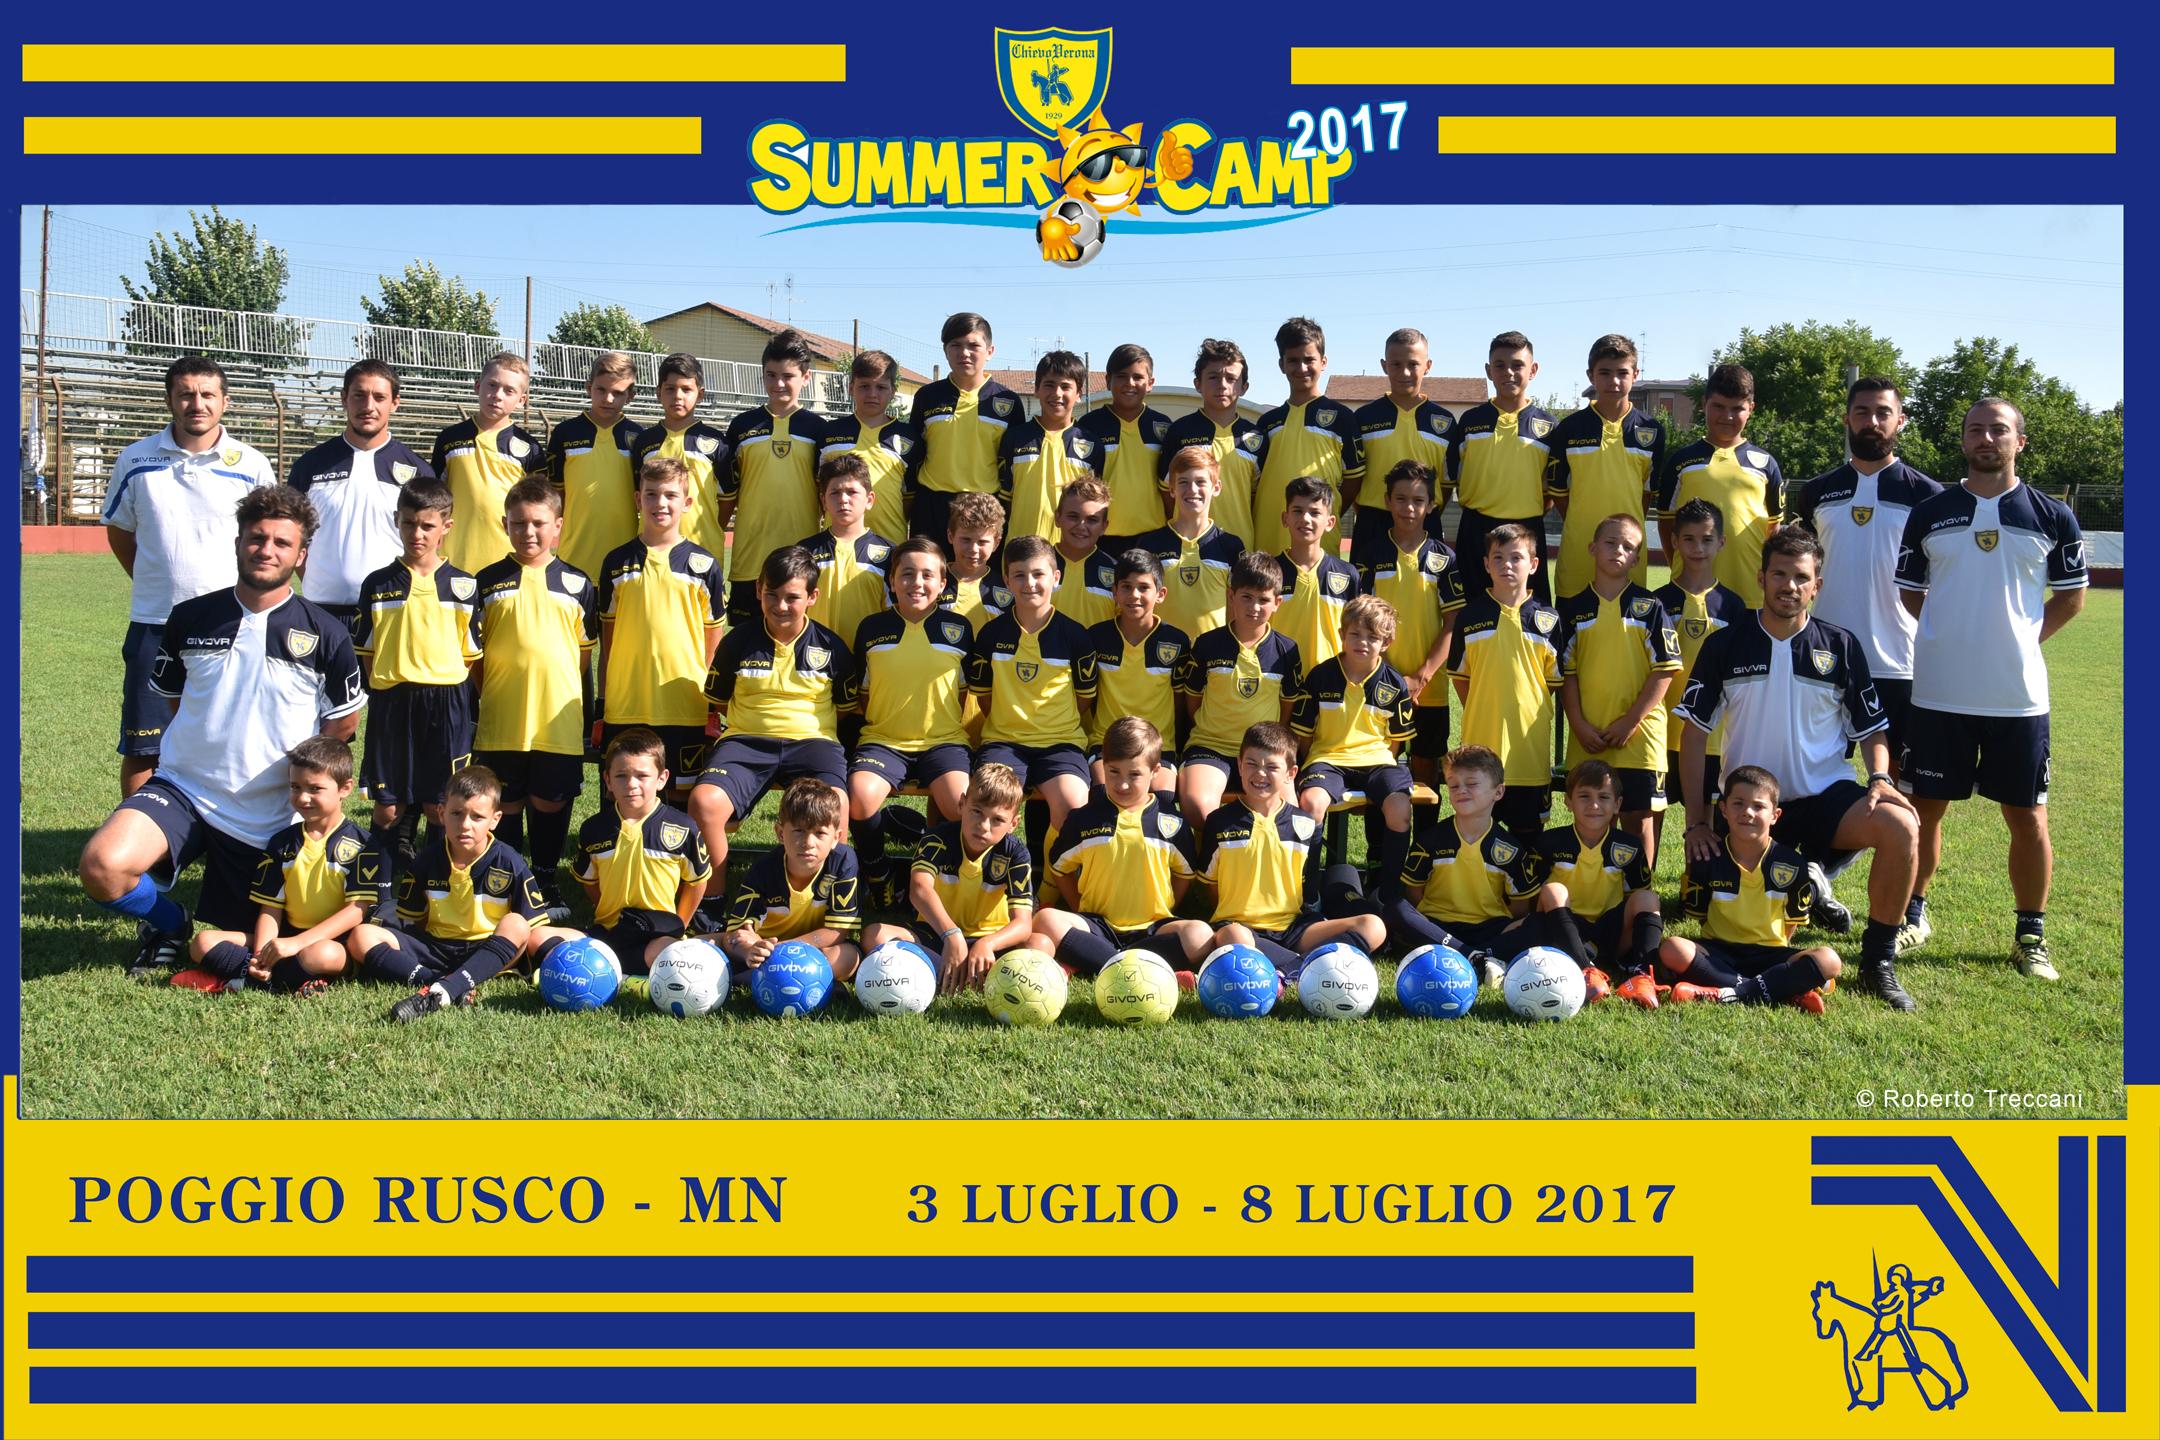 Chiusura SUMMER Camp Chievo Poggio Rusco 2017